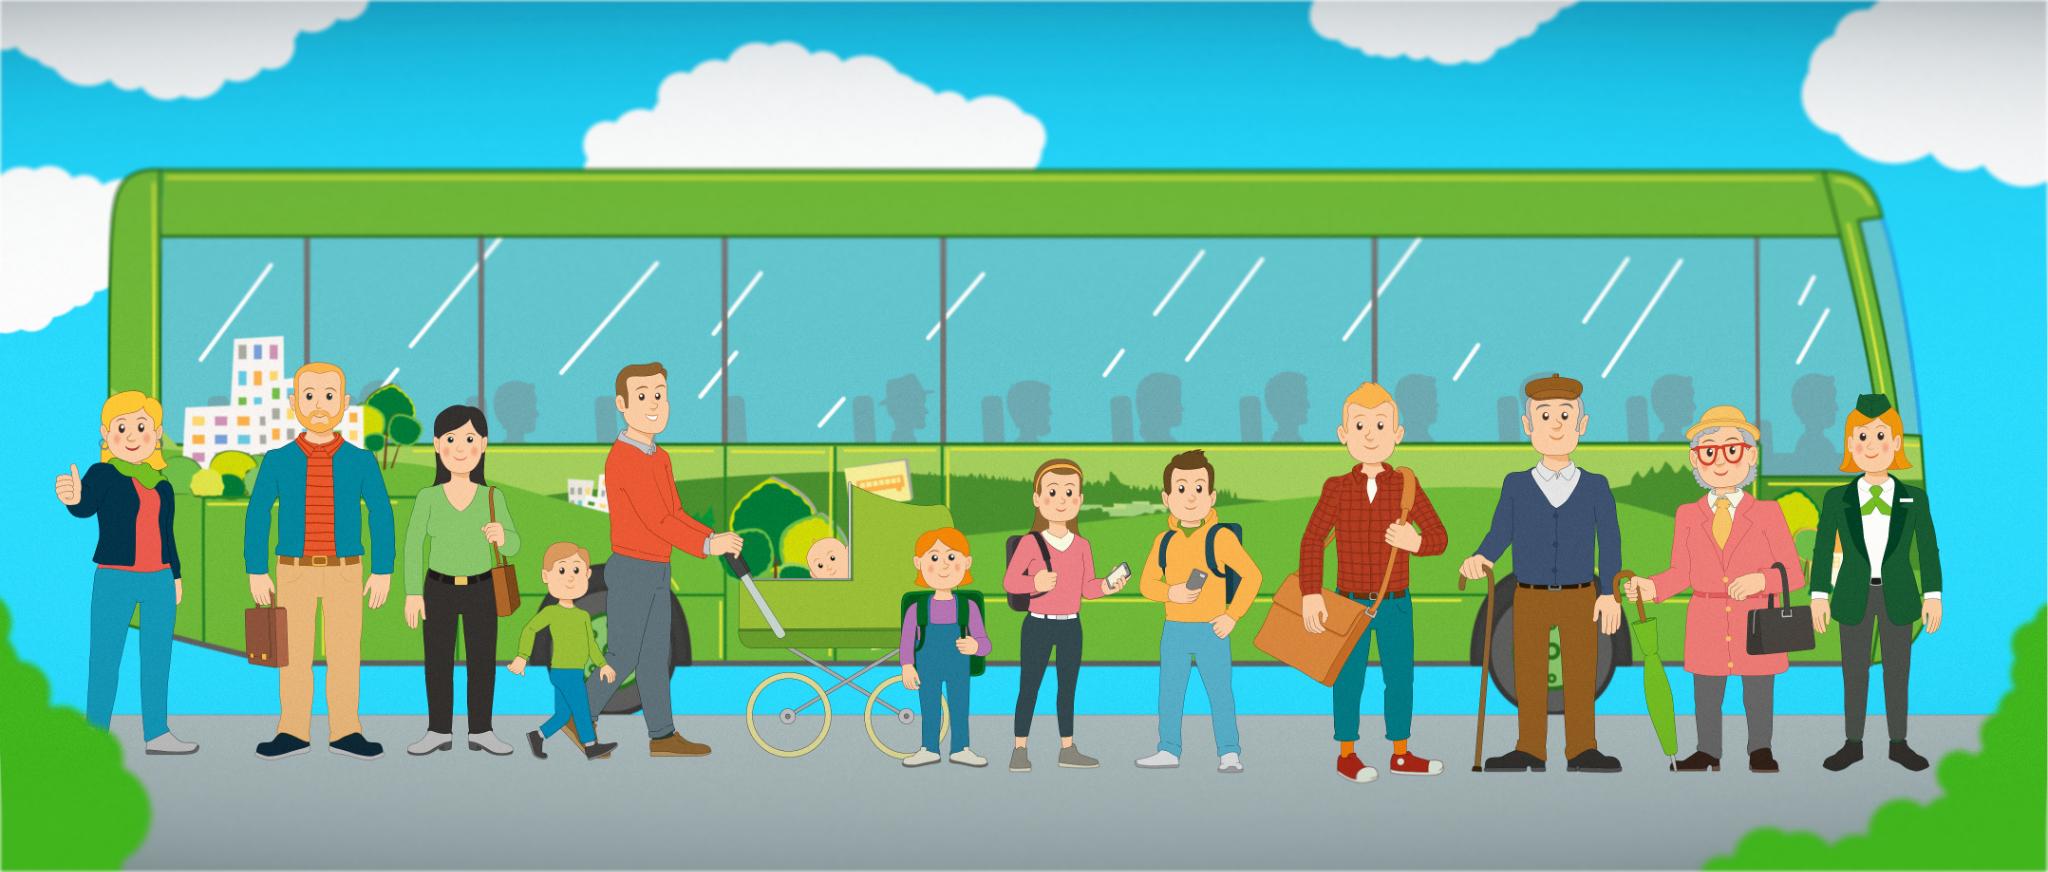 Linkki-bussi ja matkustajat.